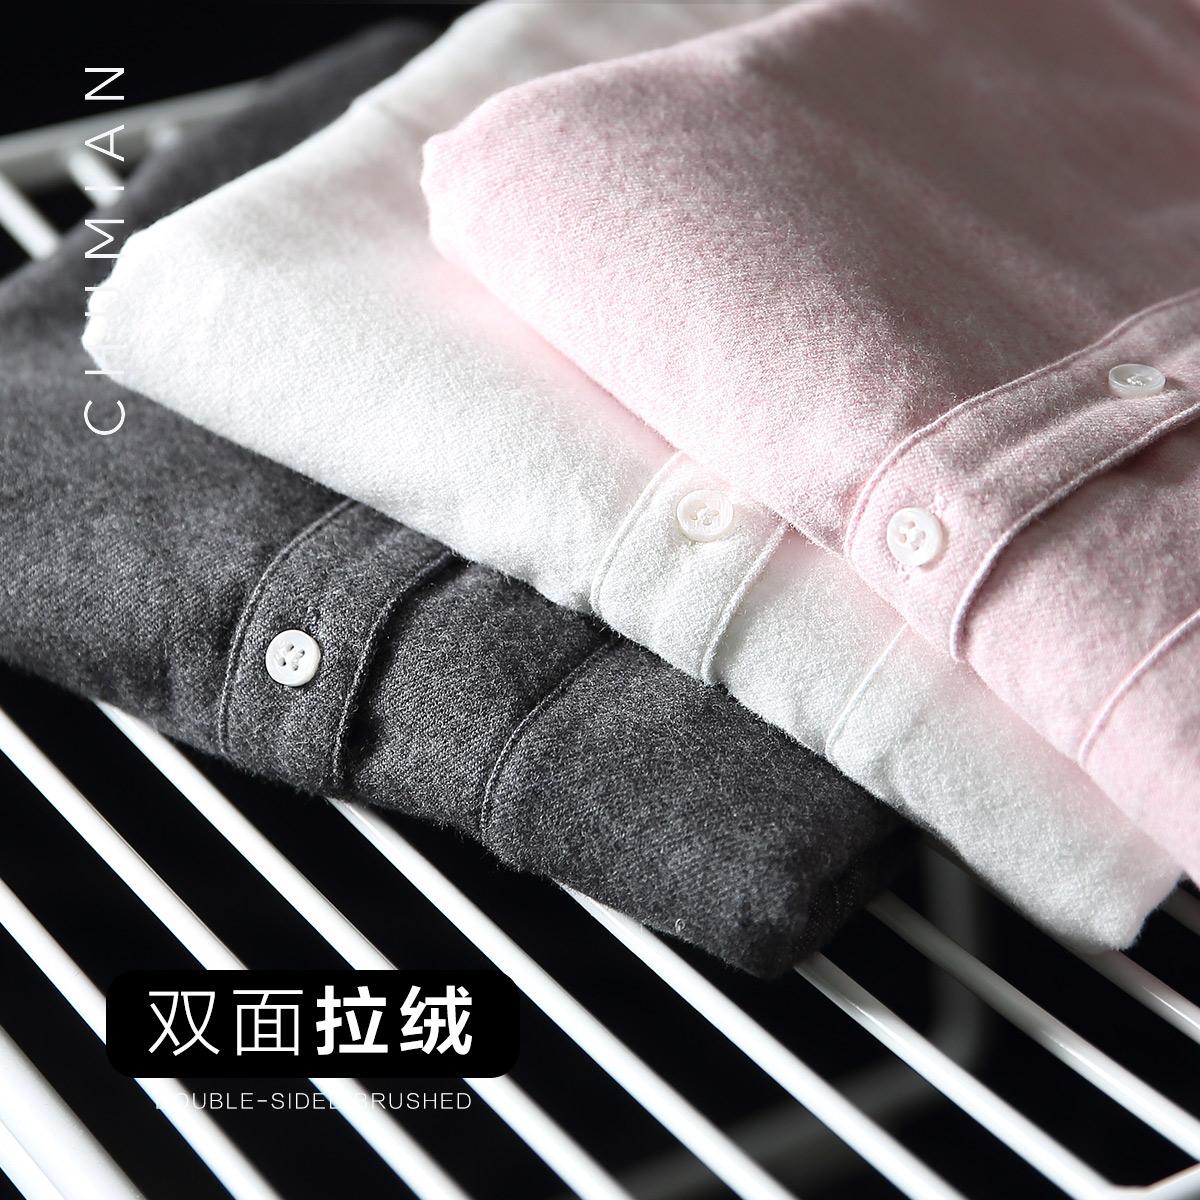 初棉2018春装新款双面拉绒长袖修身白衬衫女加厚纯色女士休闲衬衣